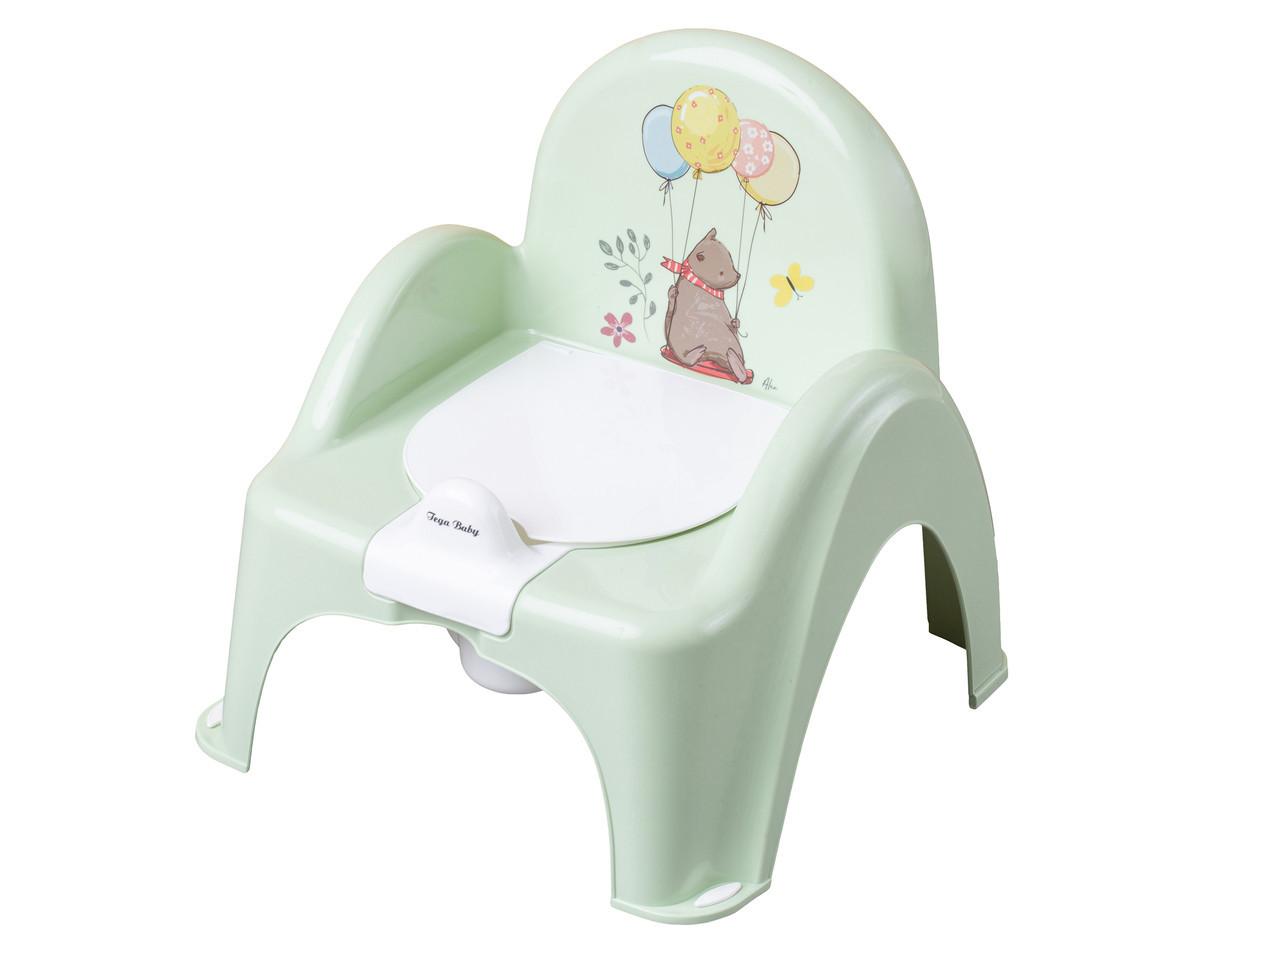 Горшок-стульчик музыкальный Tega Baby Лесная Сказка светло-зеленый